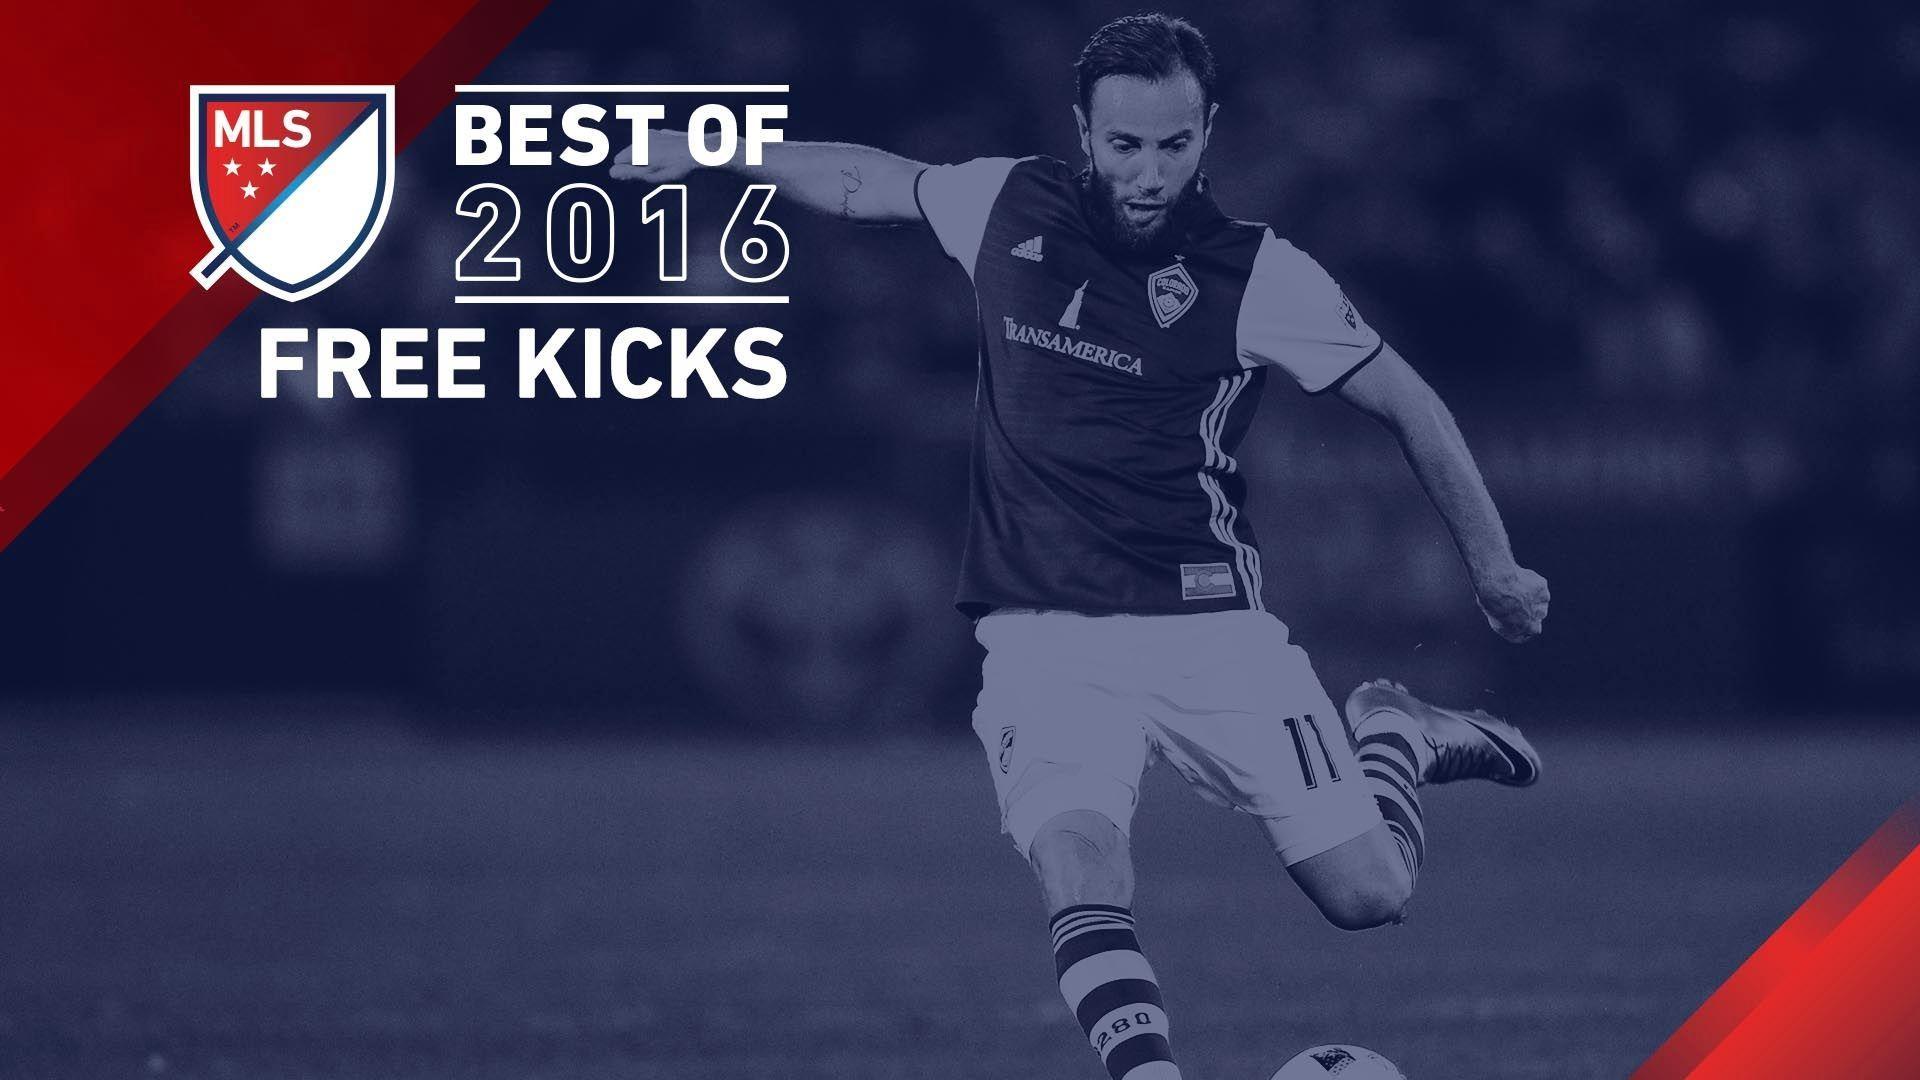 Video via MLS: Pick that out! Top 5 free kicks of 2016